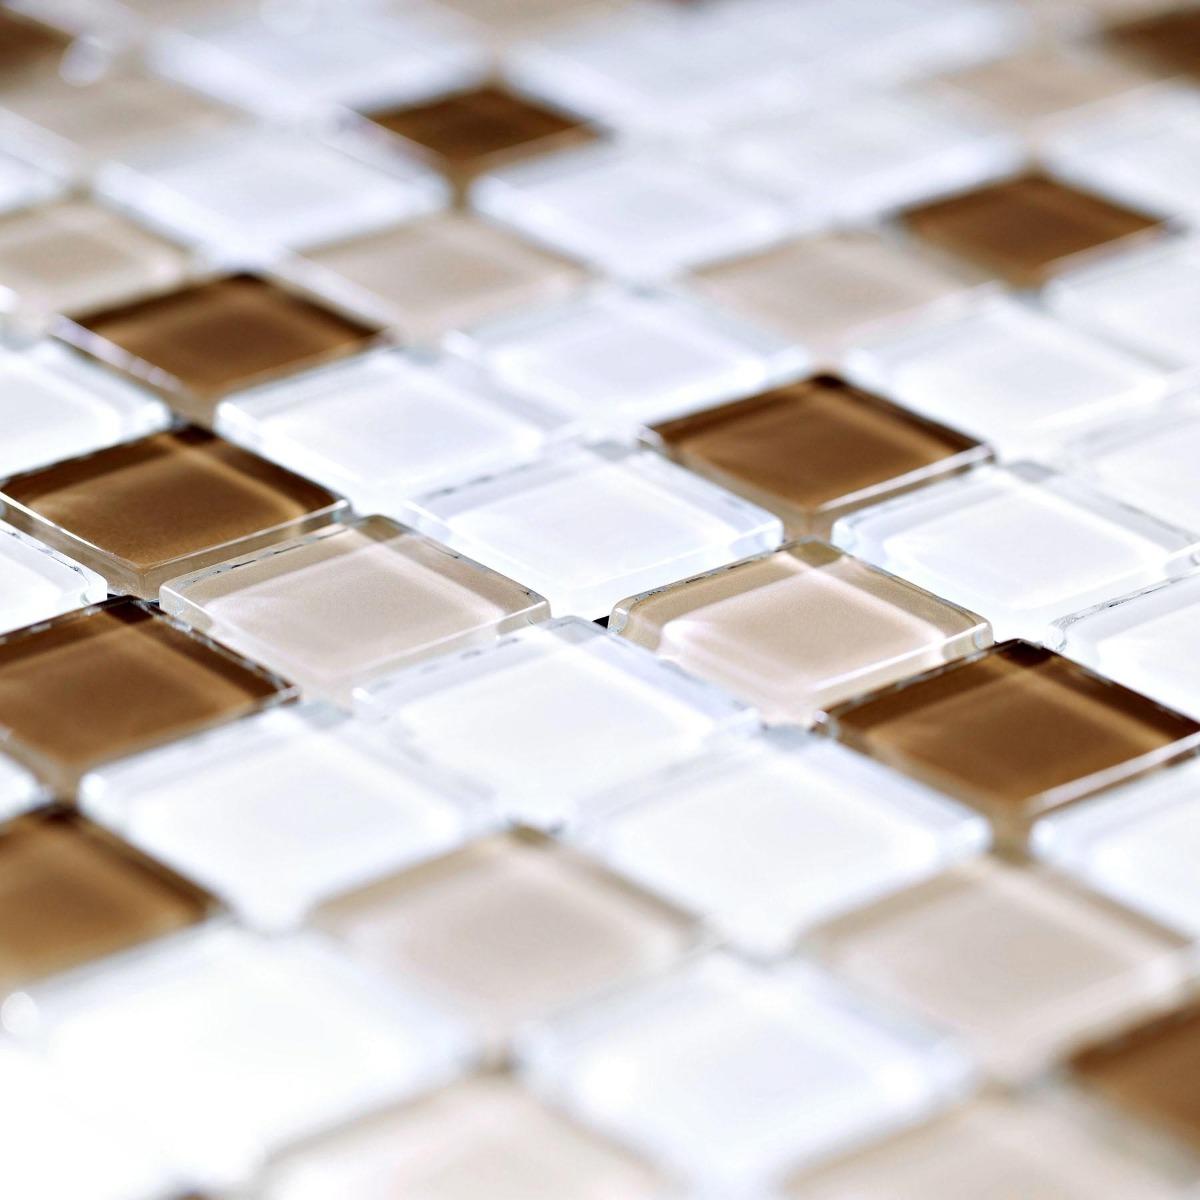 Banheiro Em Porcelanato Com Pastilhas Arthome R$ 250 00 em Mercado #44200A 1200x1200 Armario Banheiro Mercado Livre